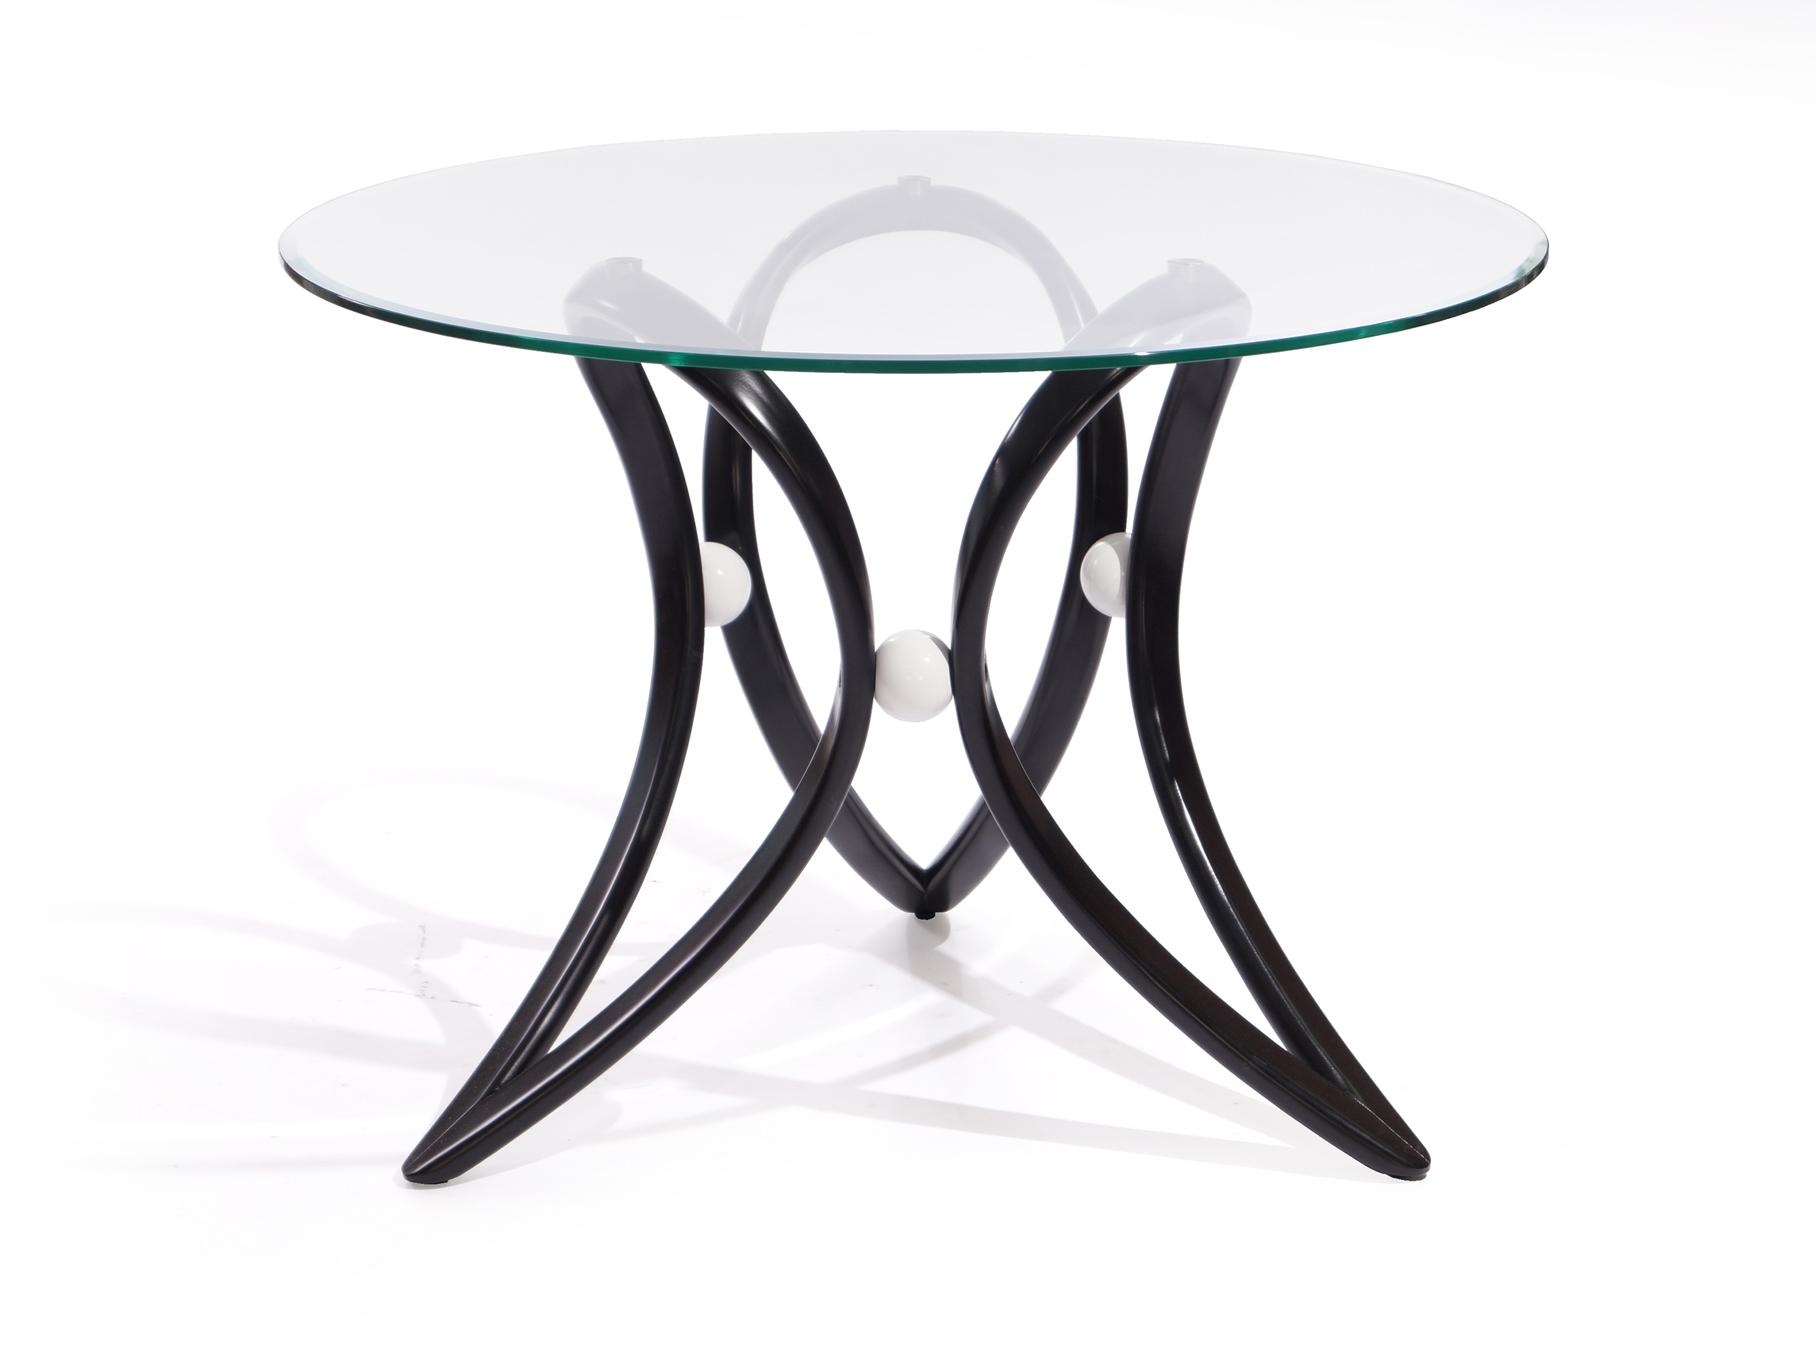 Стол обеденный Apriori VОбеденные столы<br>&amp;lt;div&amp;gt;Обеденный круглый стол с изящным основанием из натурального дерева.&amp;amp;nbsp;&amp;lt;/div&amp;gt;&amp;lt;div&amp;gt;Материал: Натуральное дерево, береза, цвет: венге.&amp;lt;/div&amp;gt;&amp;lt;div&amp;gt;Стекло прозрачное.&amp;lt;/div&amp;gt;<br><br>Material: Береза<br>Length см: None<br>Width см: None<br>Depth см: None<br>Height см: 75<br>Diameter см: 105